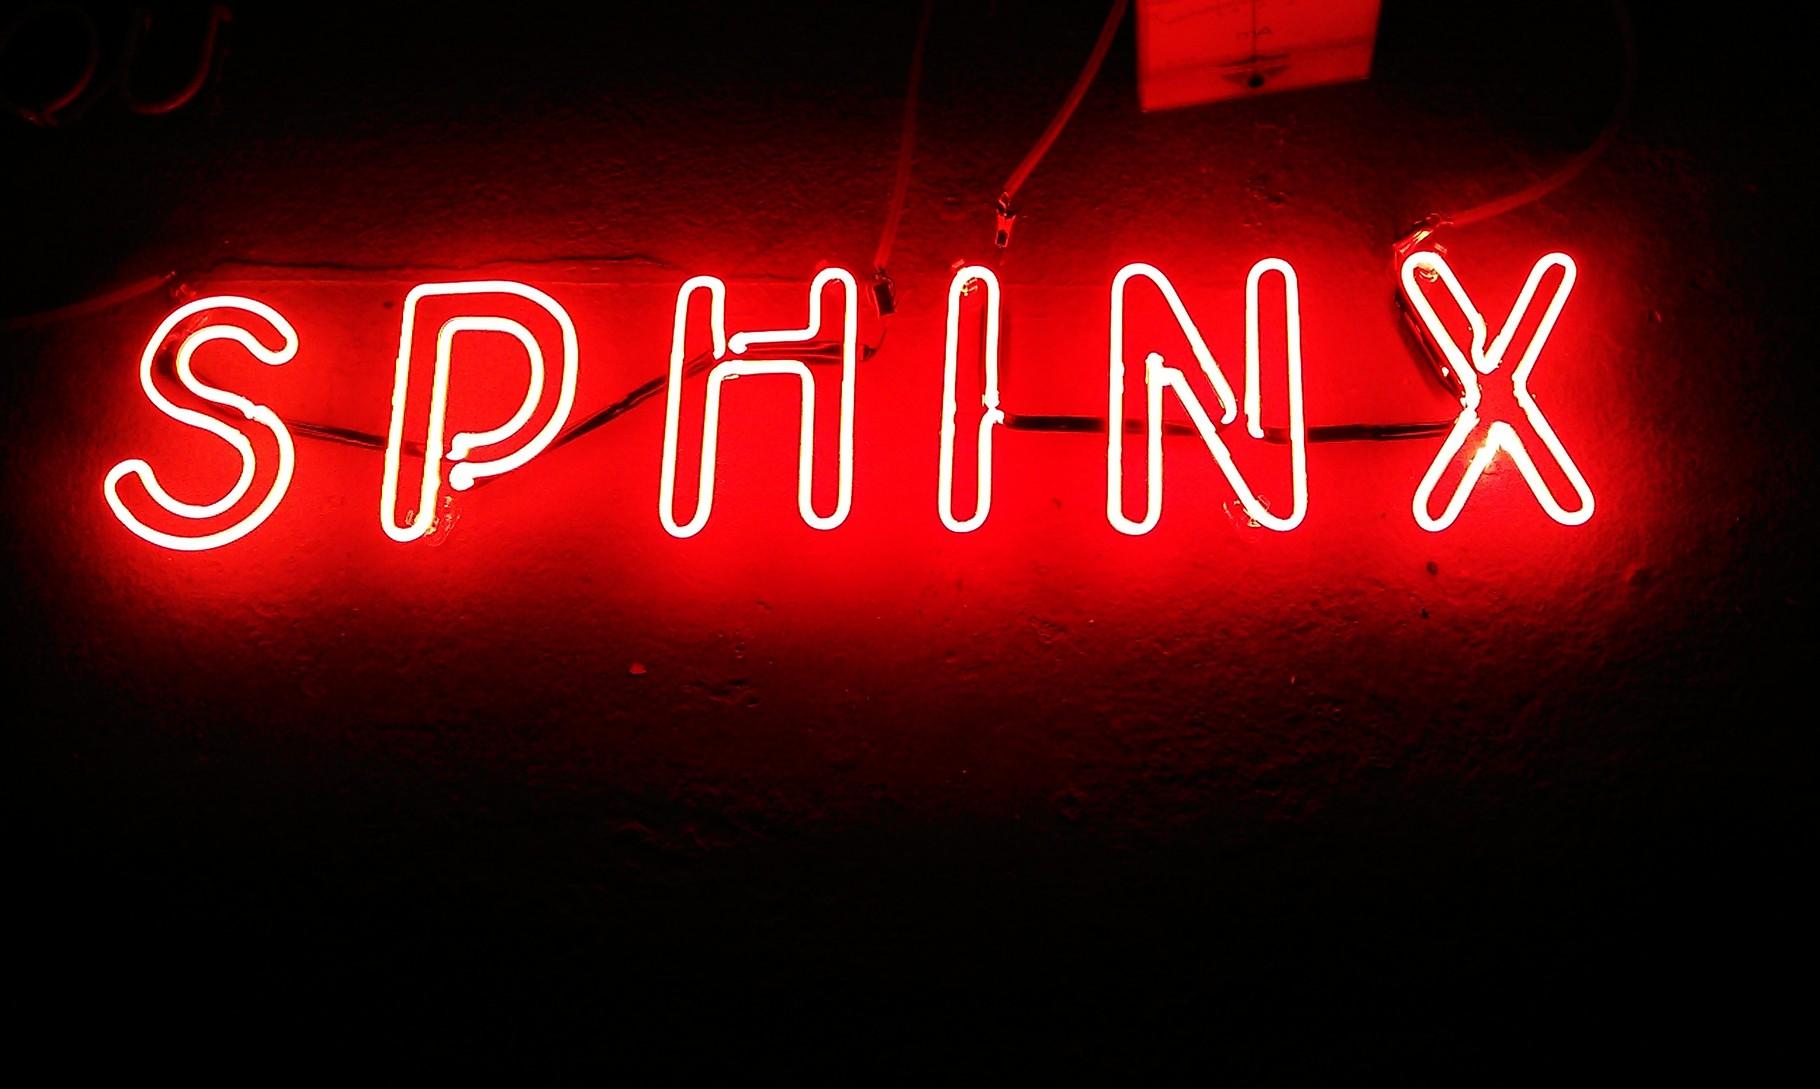 Neonschrift : Sphinx // Neonjoecks Berlin